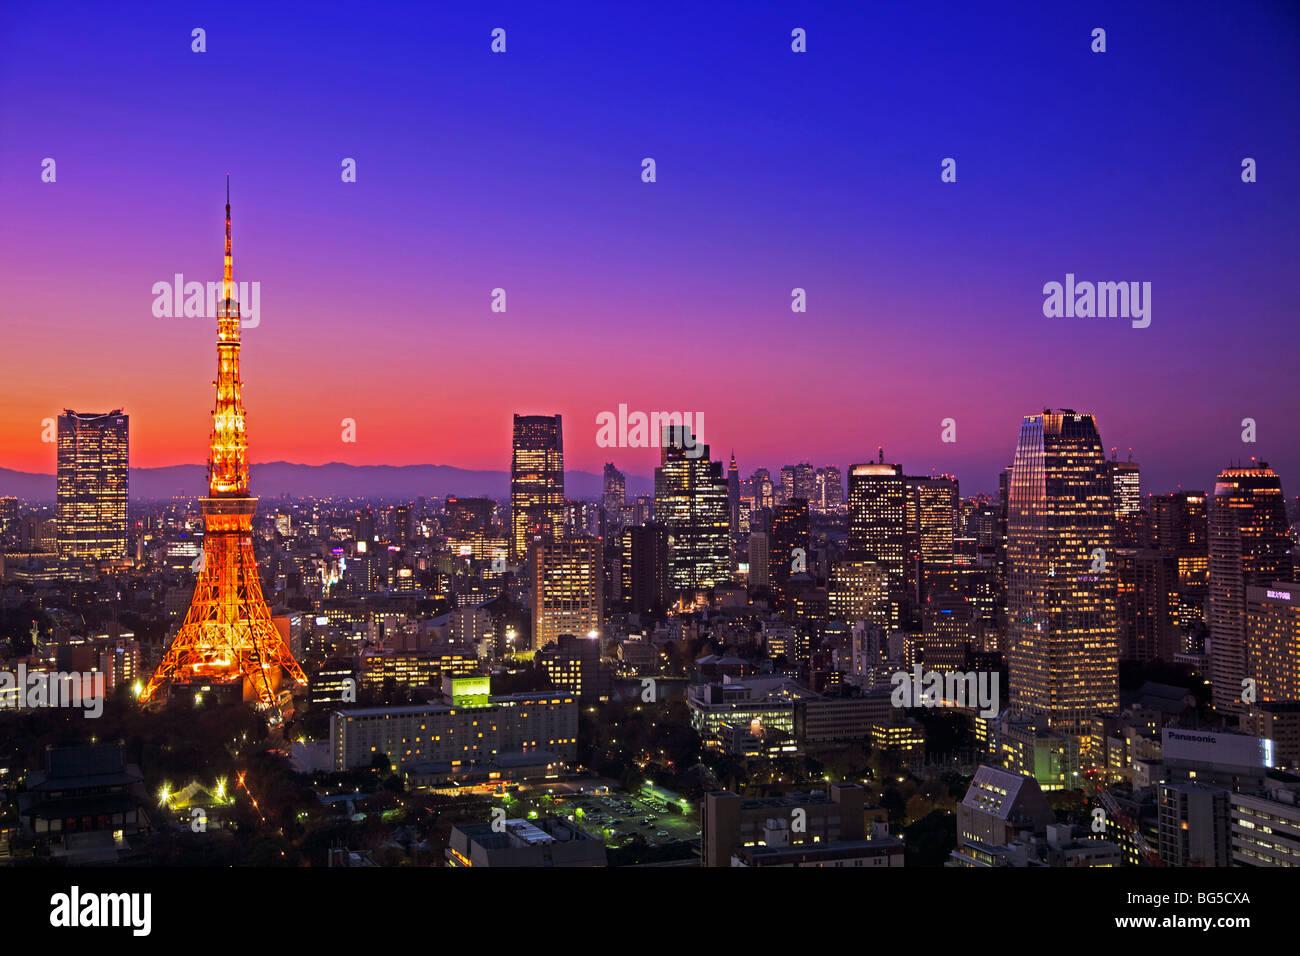 Vue du coucher de soleil de Tokyo Tower et centre de Tokyo skyline, Japon Photo Stock